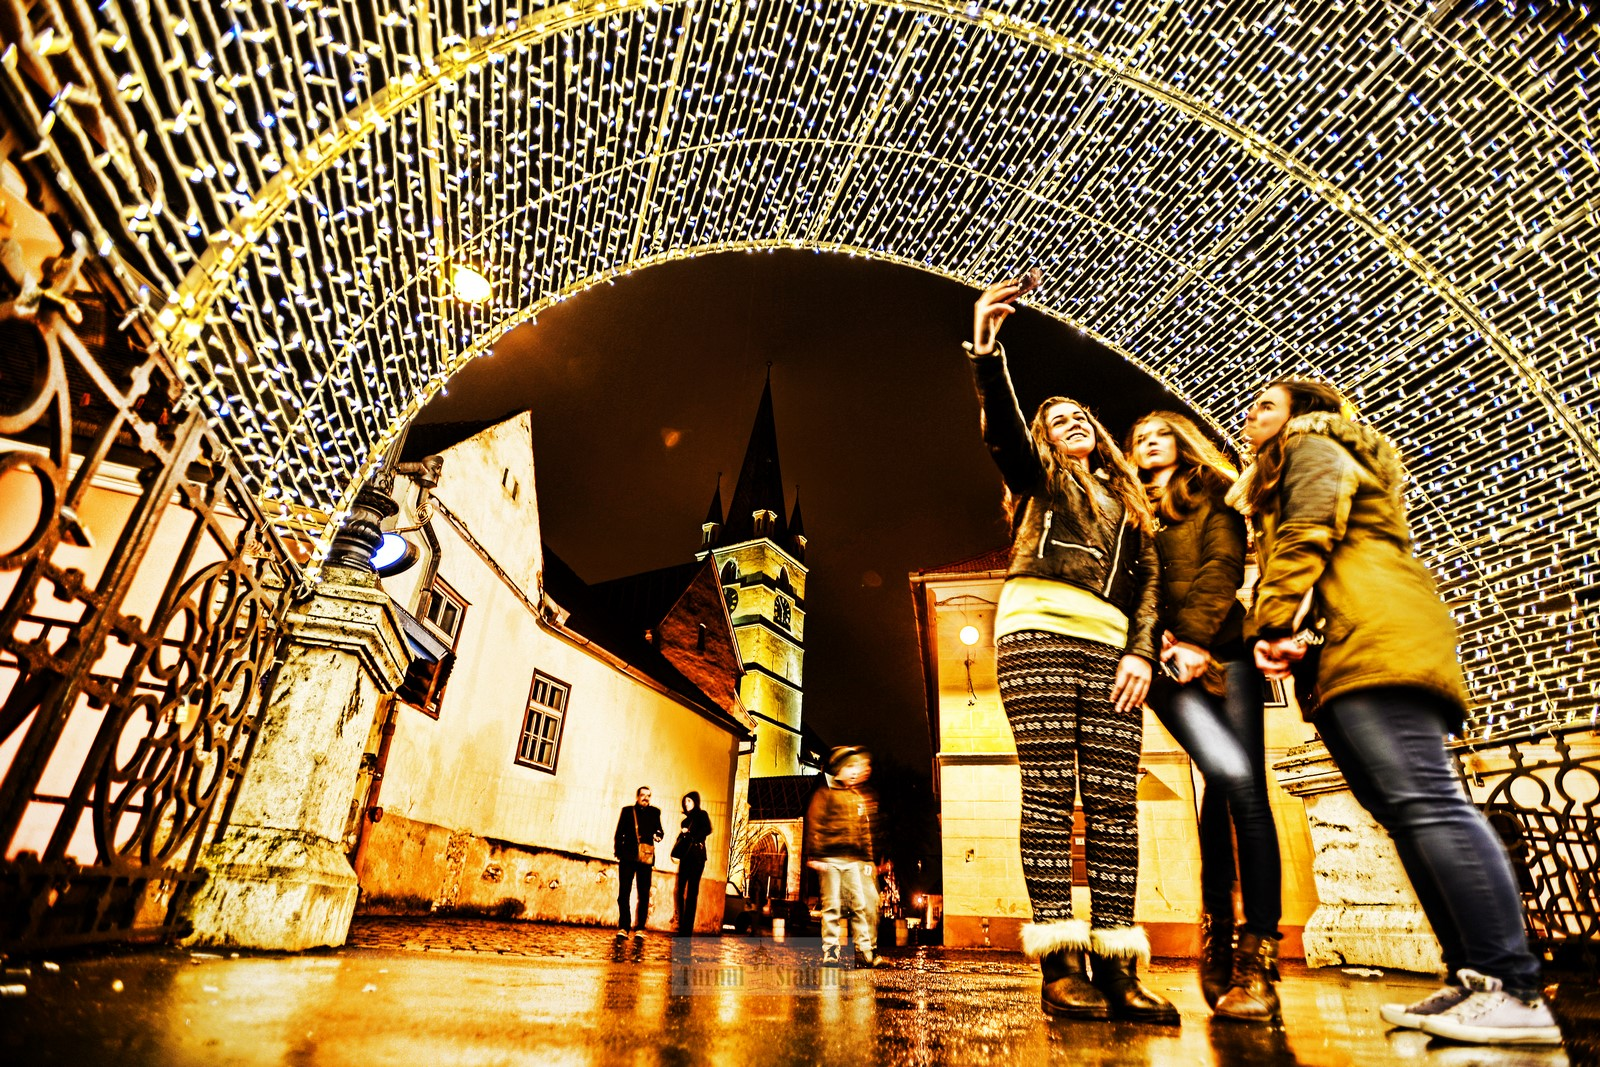 Iluminatul Sibiului, scos la licitație: 45 de milioane de lei pentru patru ani